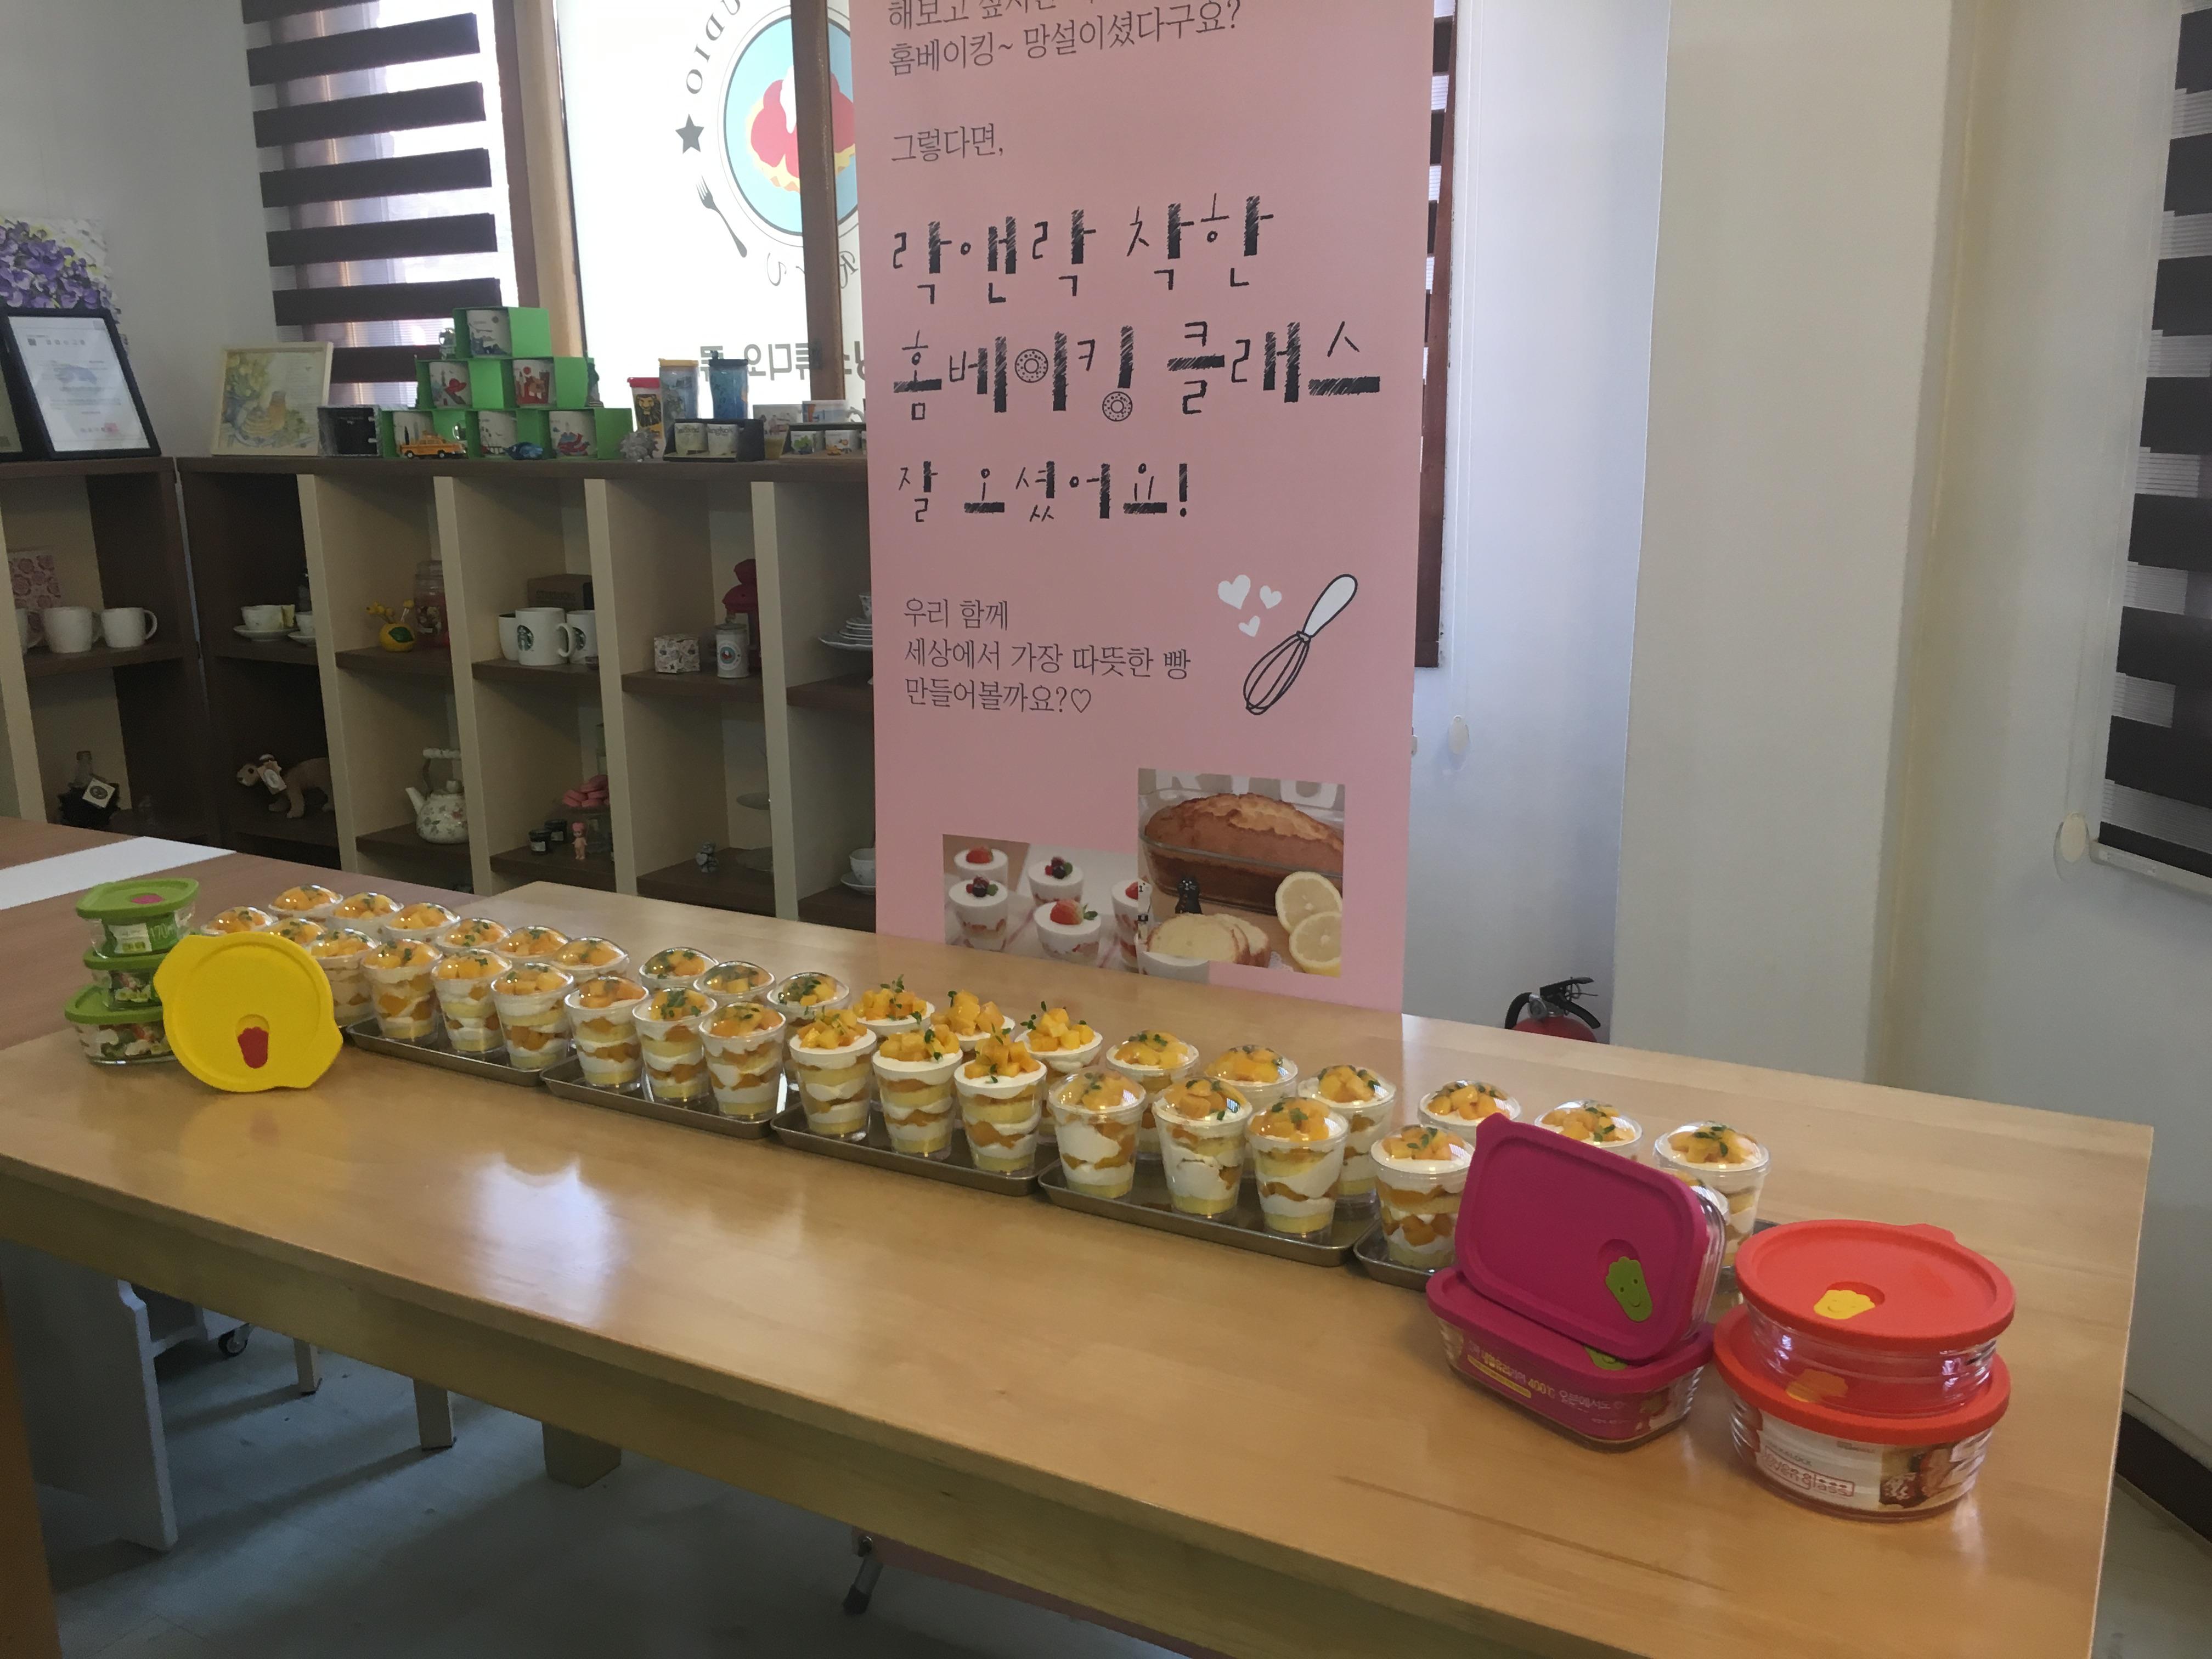 락앤락 원데이 클래스-착한 홈베이킹 <망고 컵케이크>